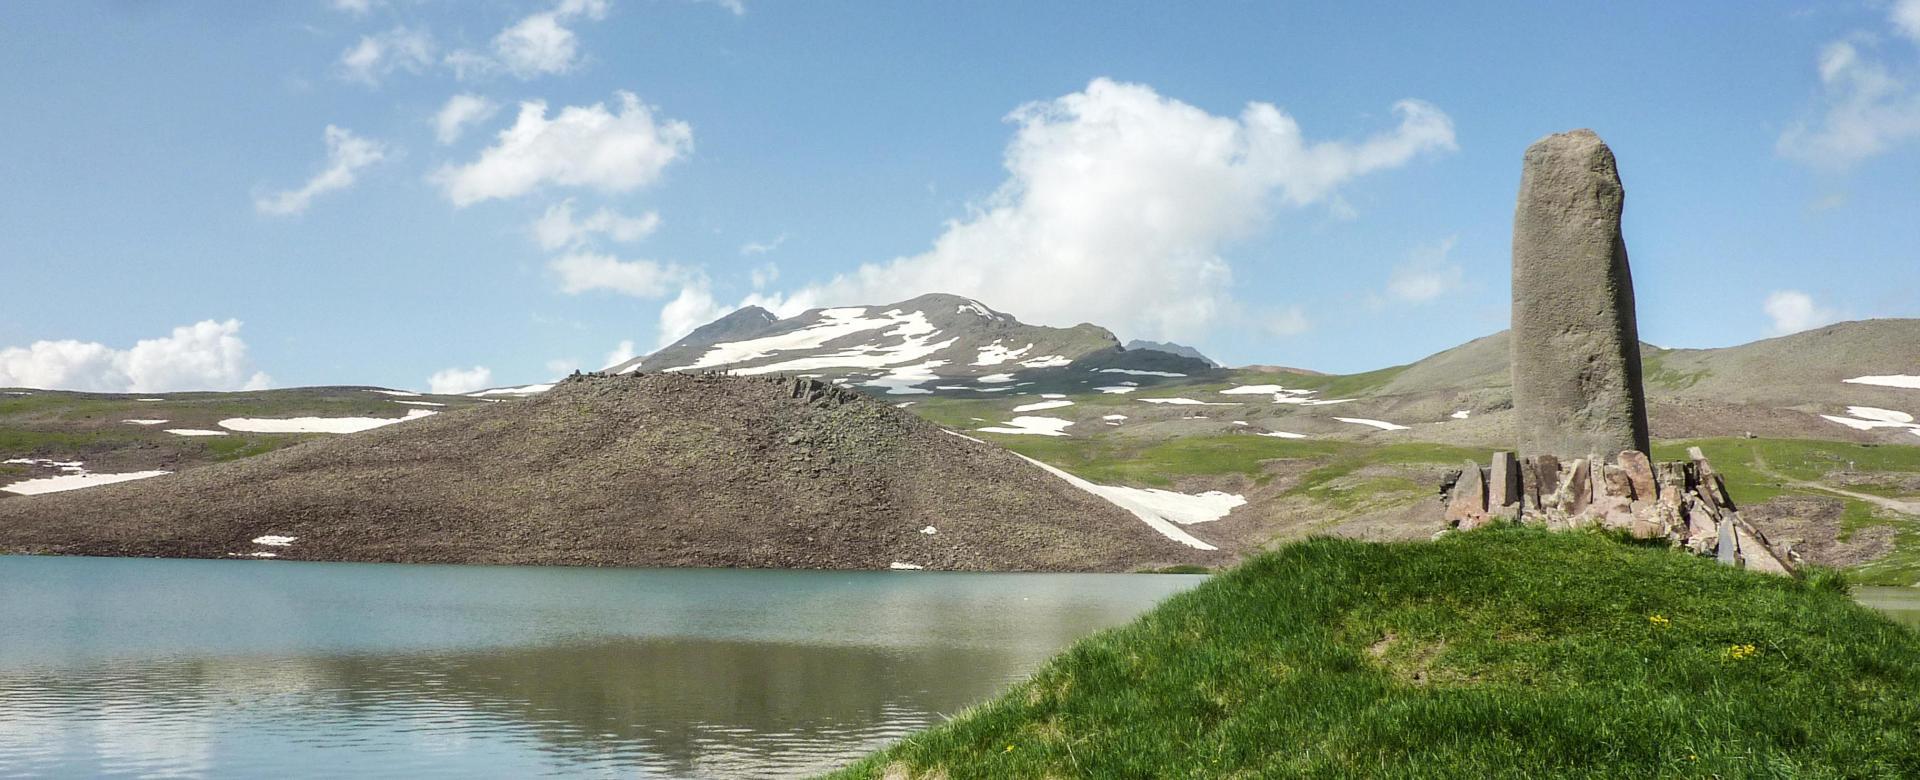 Voyage à pied : L'arménie et ses merveilles